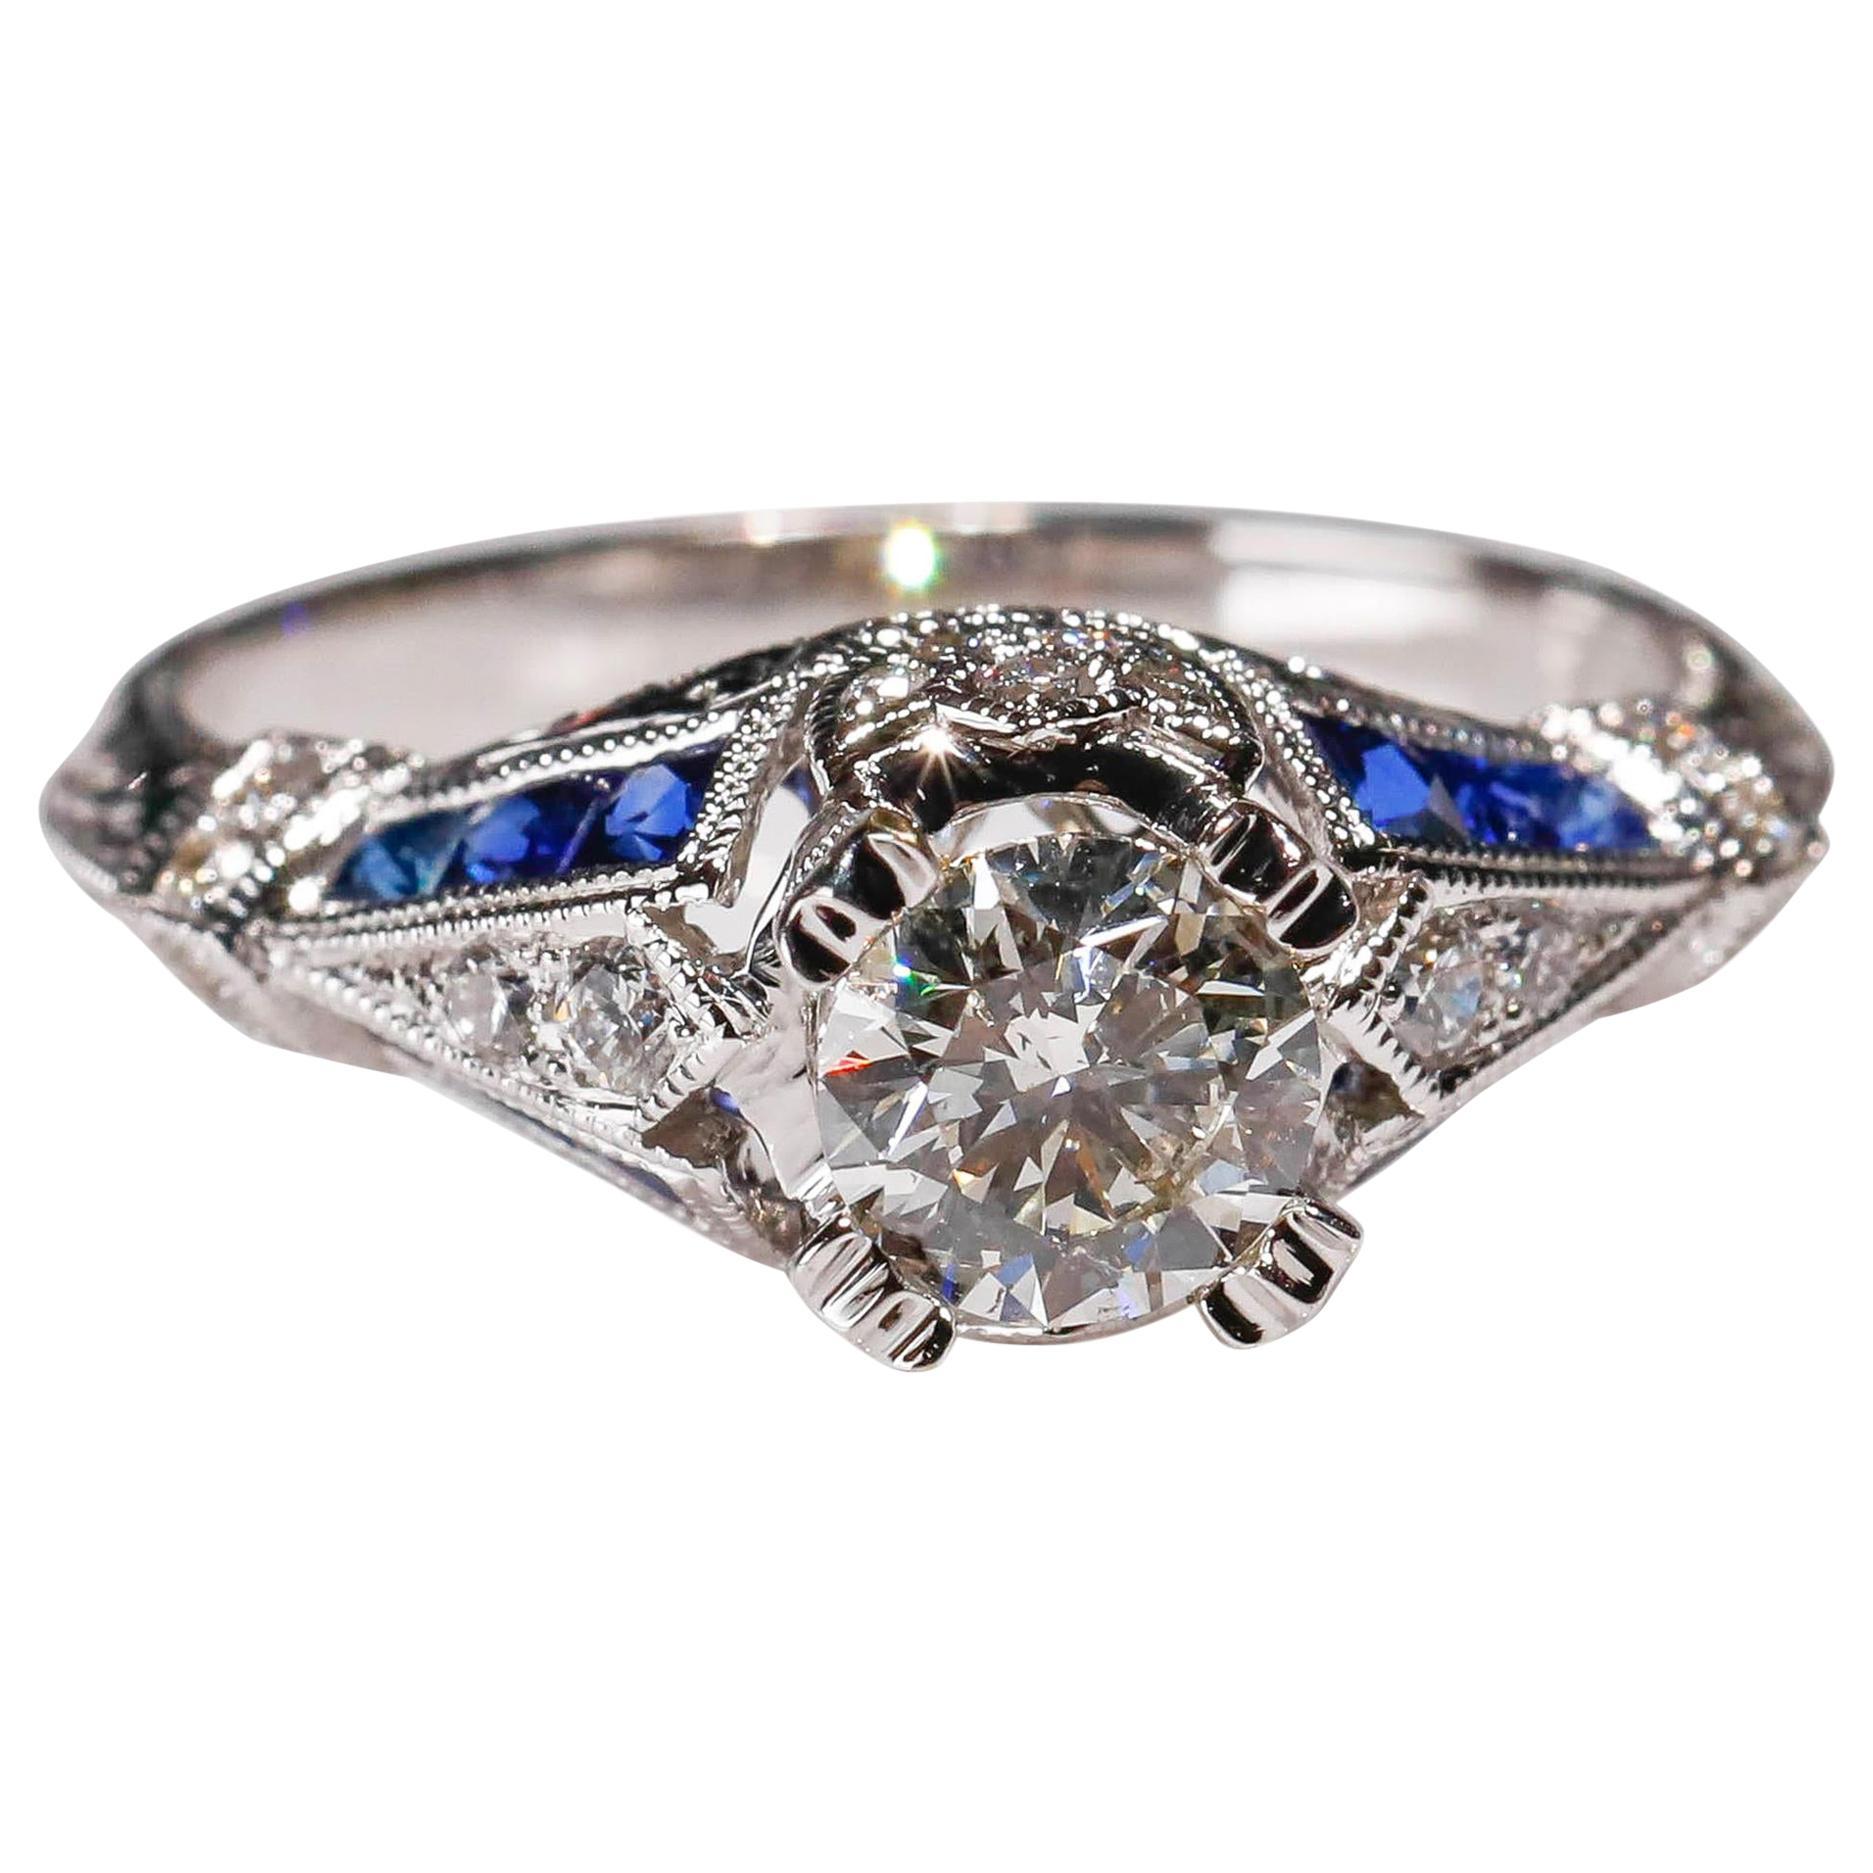 18 Karat White Gold 1.03 Carat Diamond 0.22 Carat Sapphire Engagement Ring